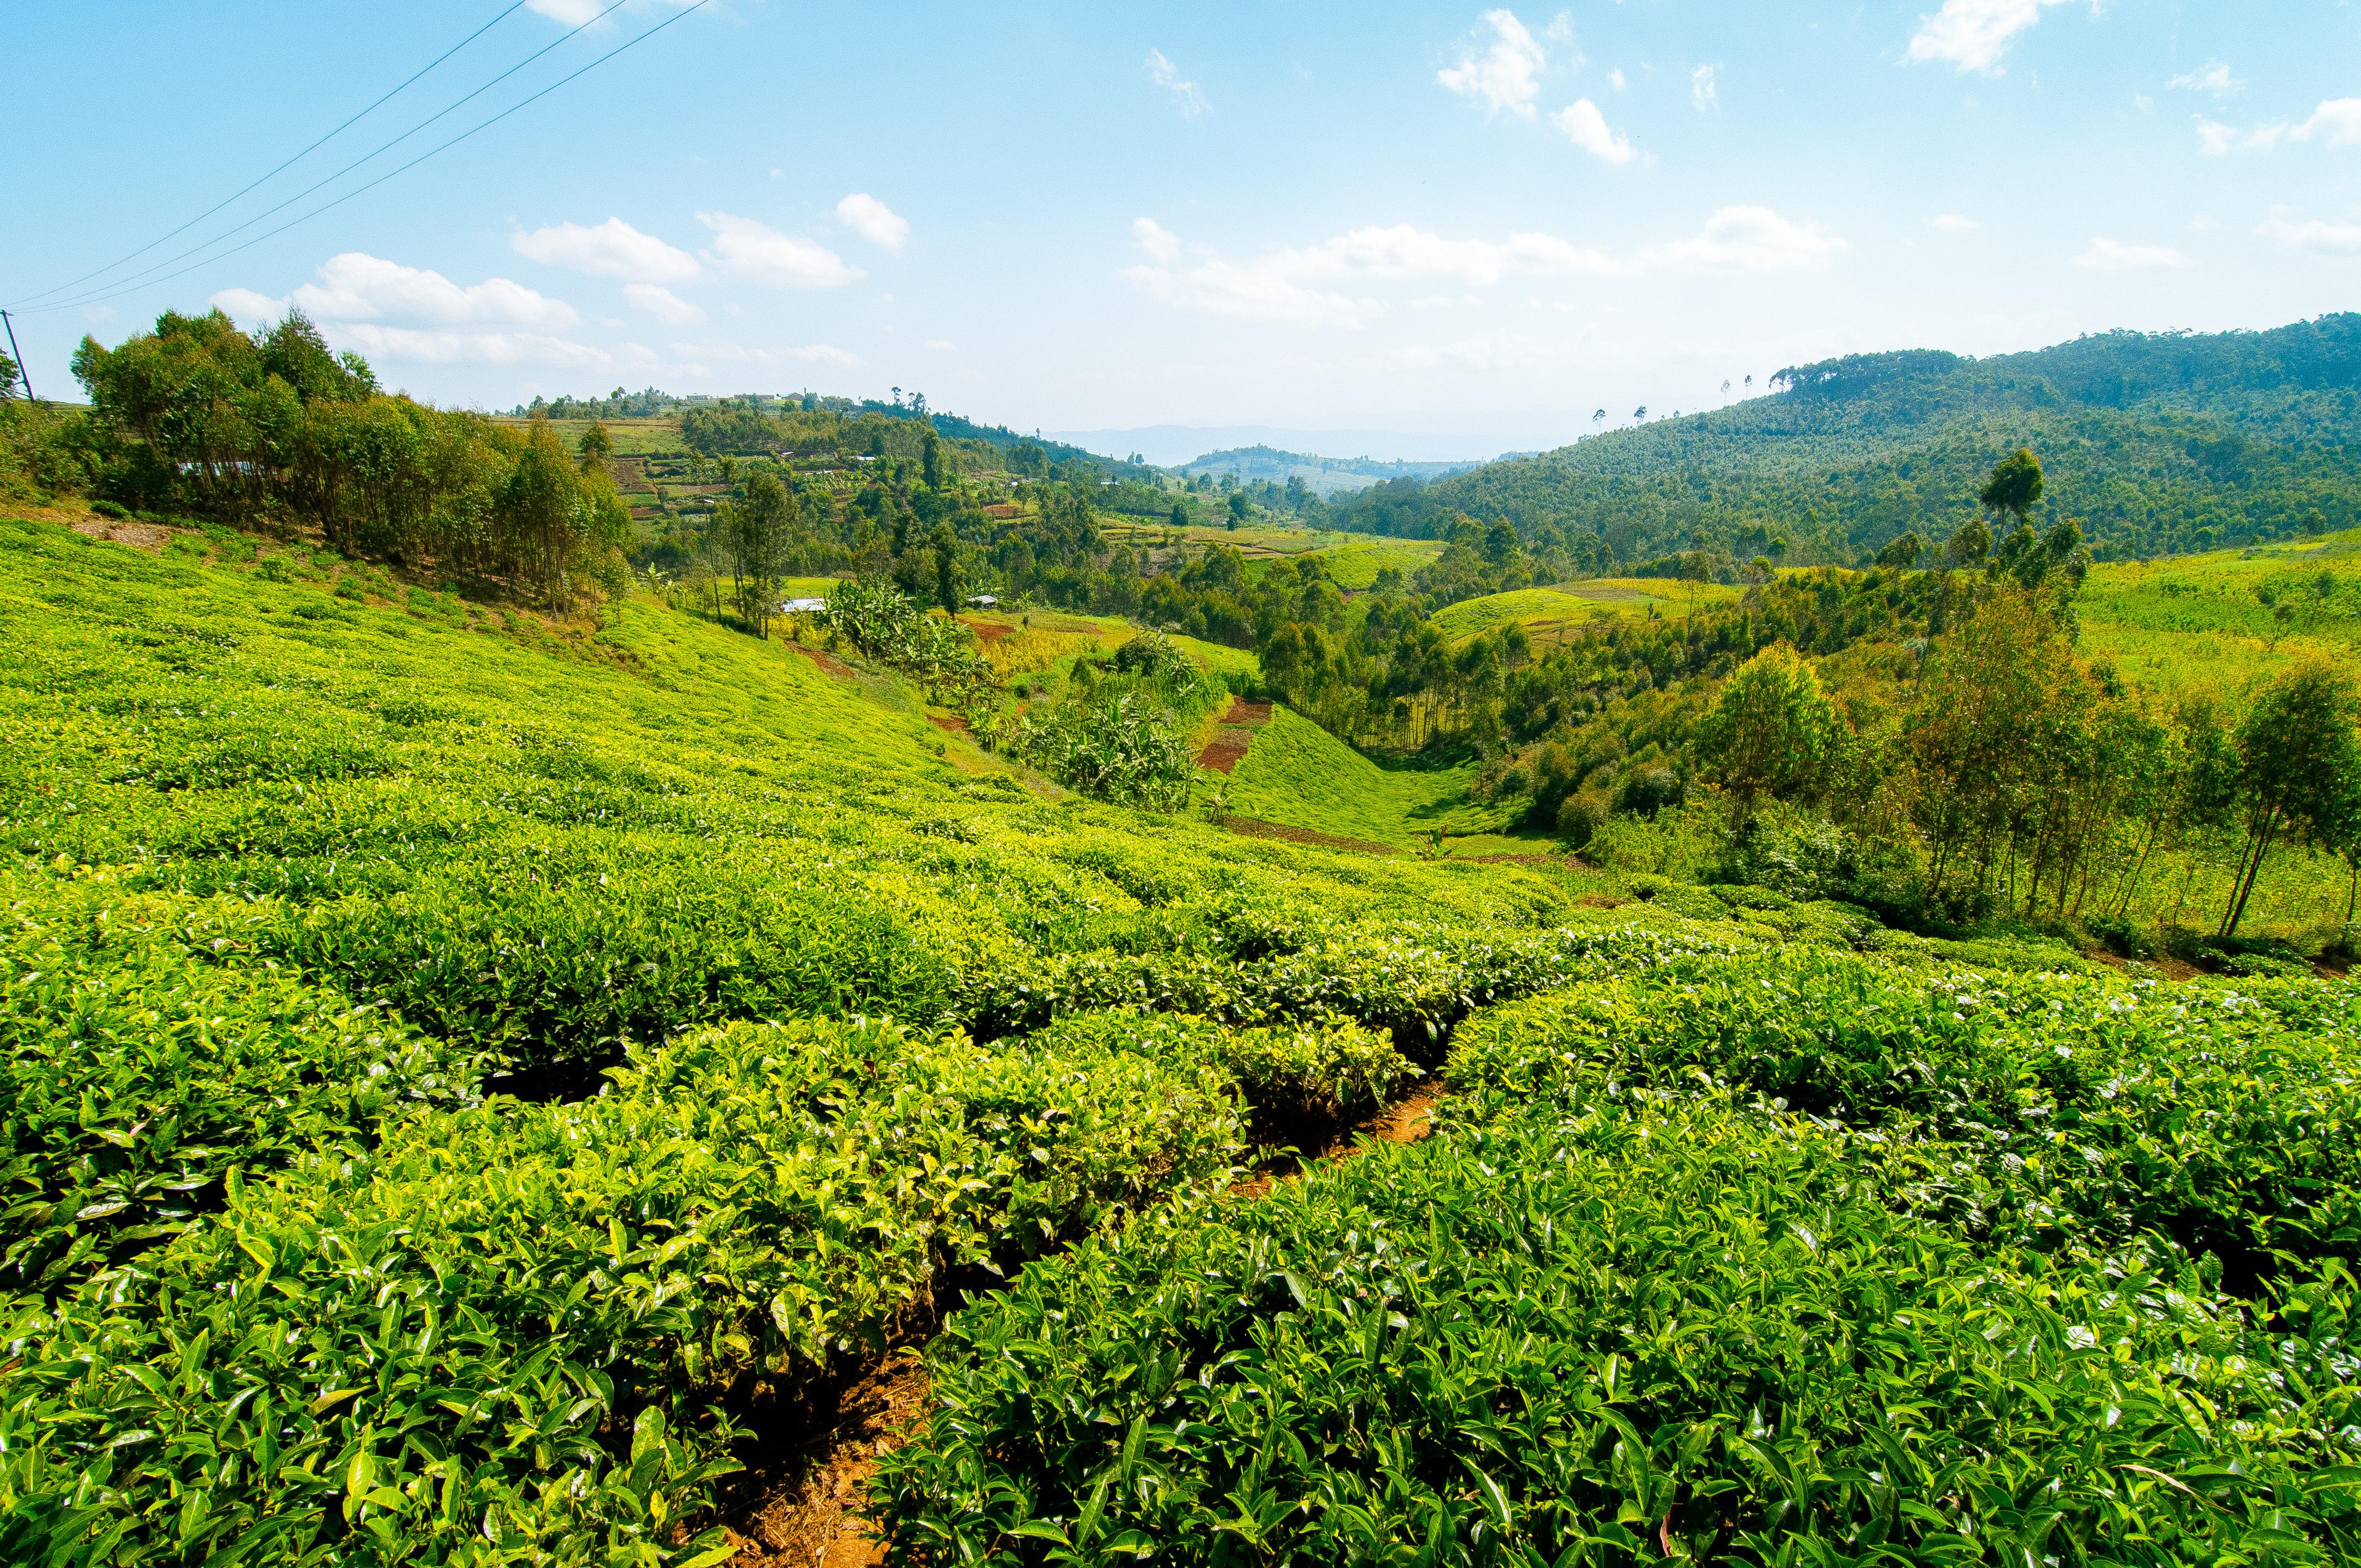 Tea plantations of Rwanda